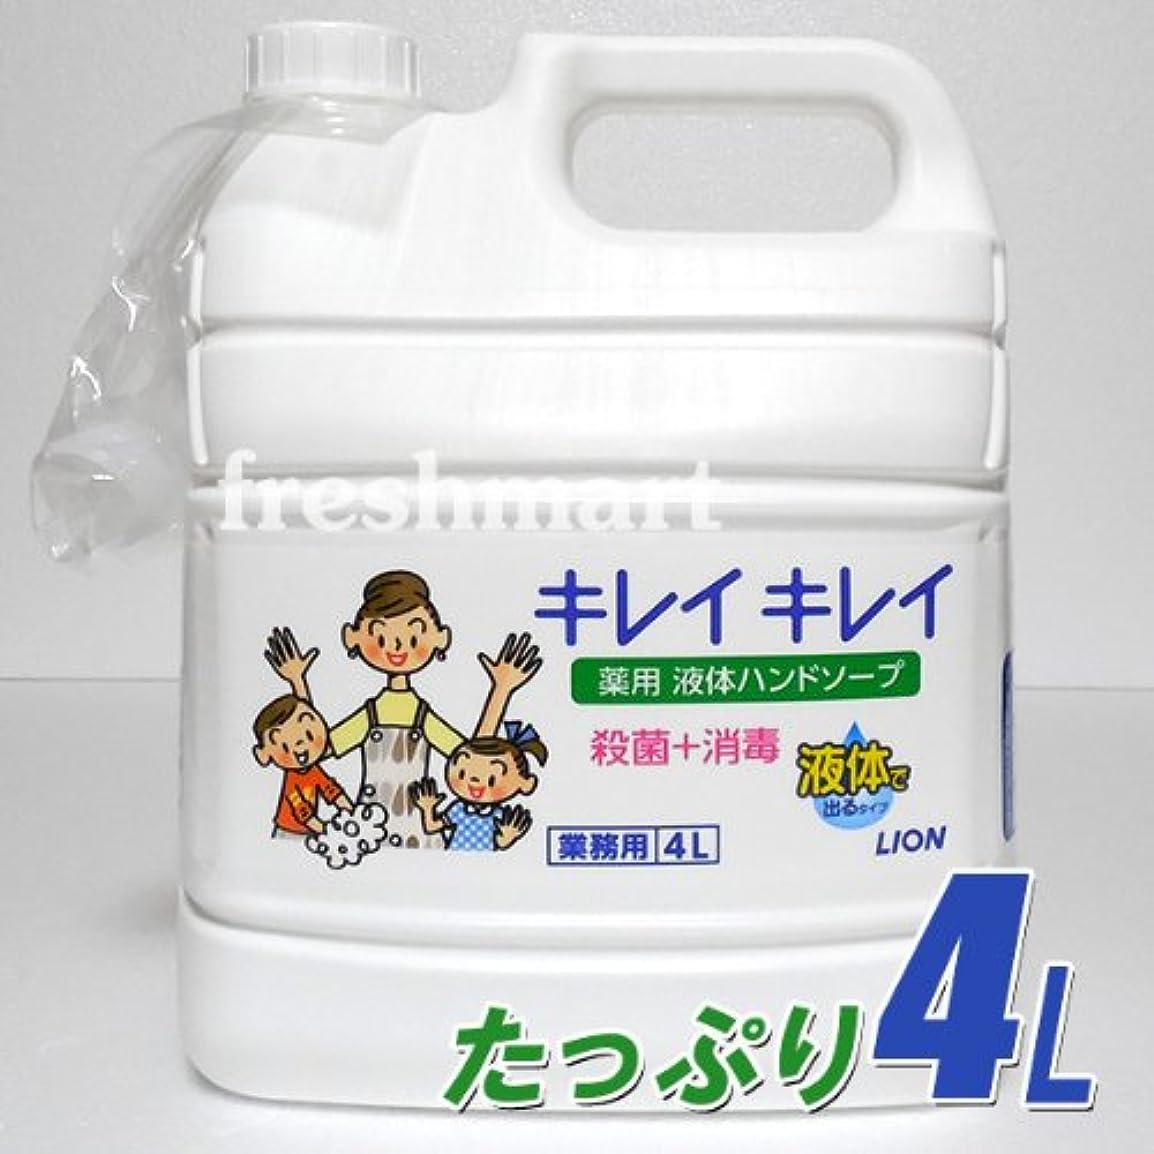 縁ロック治す☆100%植物性洗浄成分使用☆ ライオン キレイキレイ 薬用液体ハンドソープ つめかえ用4L 業務用 大容量 ボトル